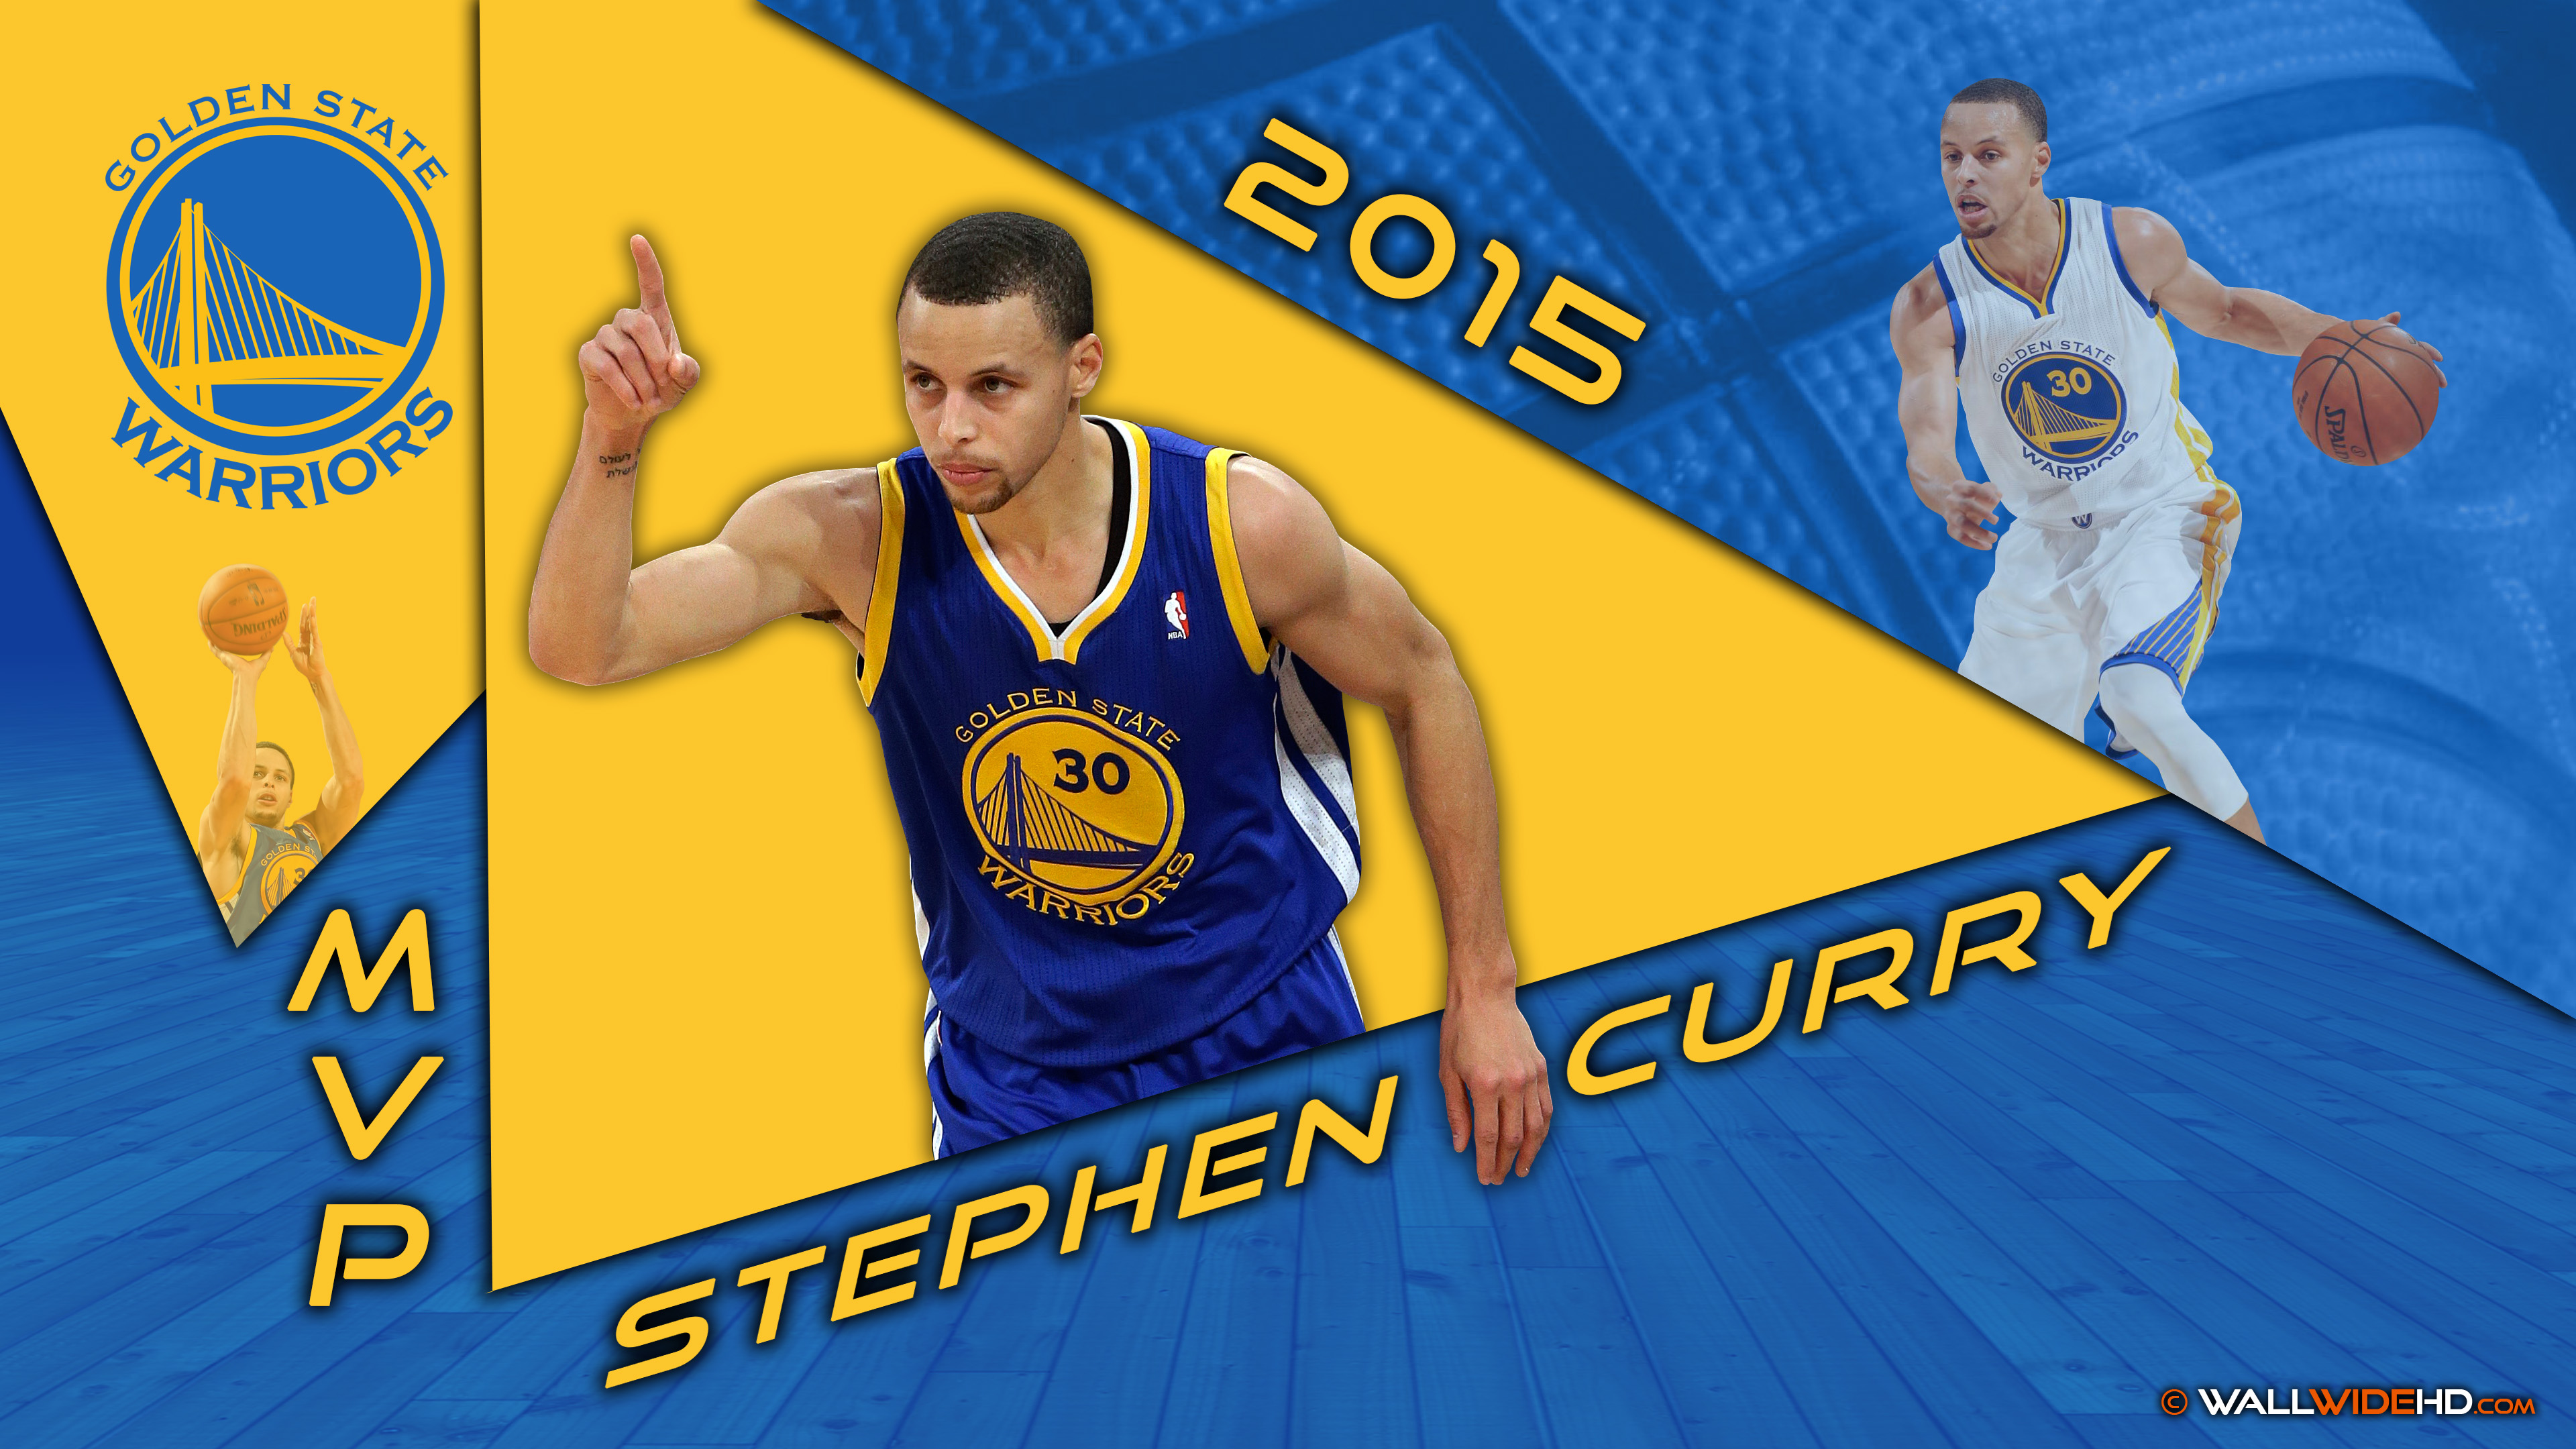 Stephen Curry MVP Wallpaper - WallpaperSafari